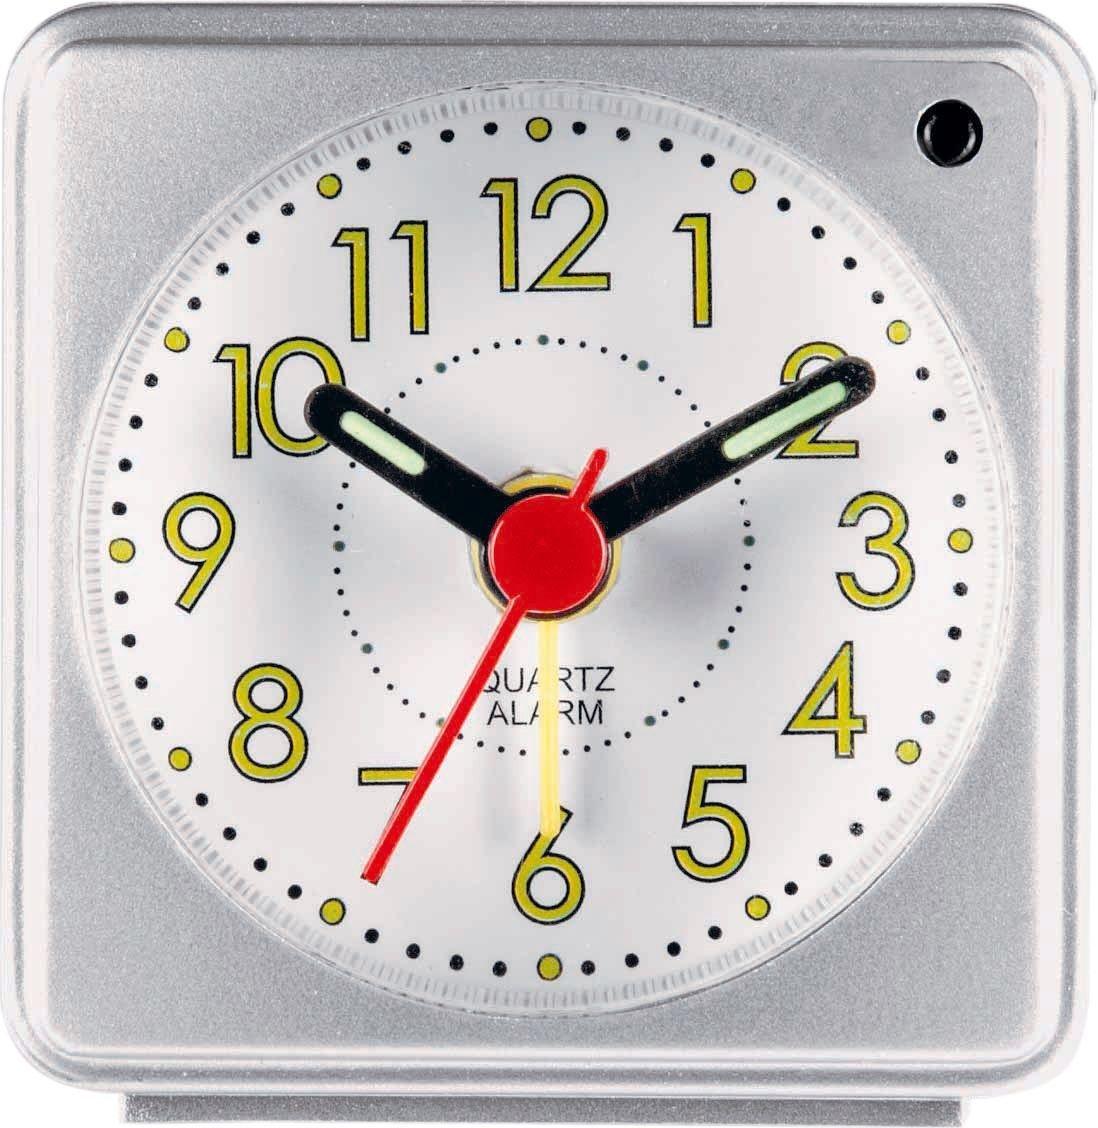 Image of Constant Alarm Clock